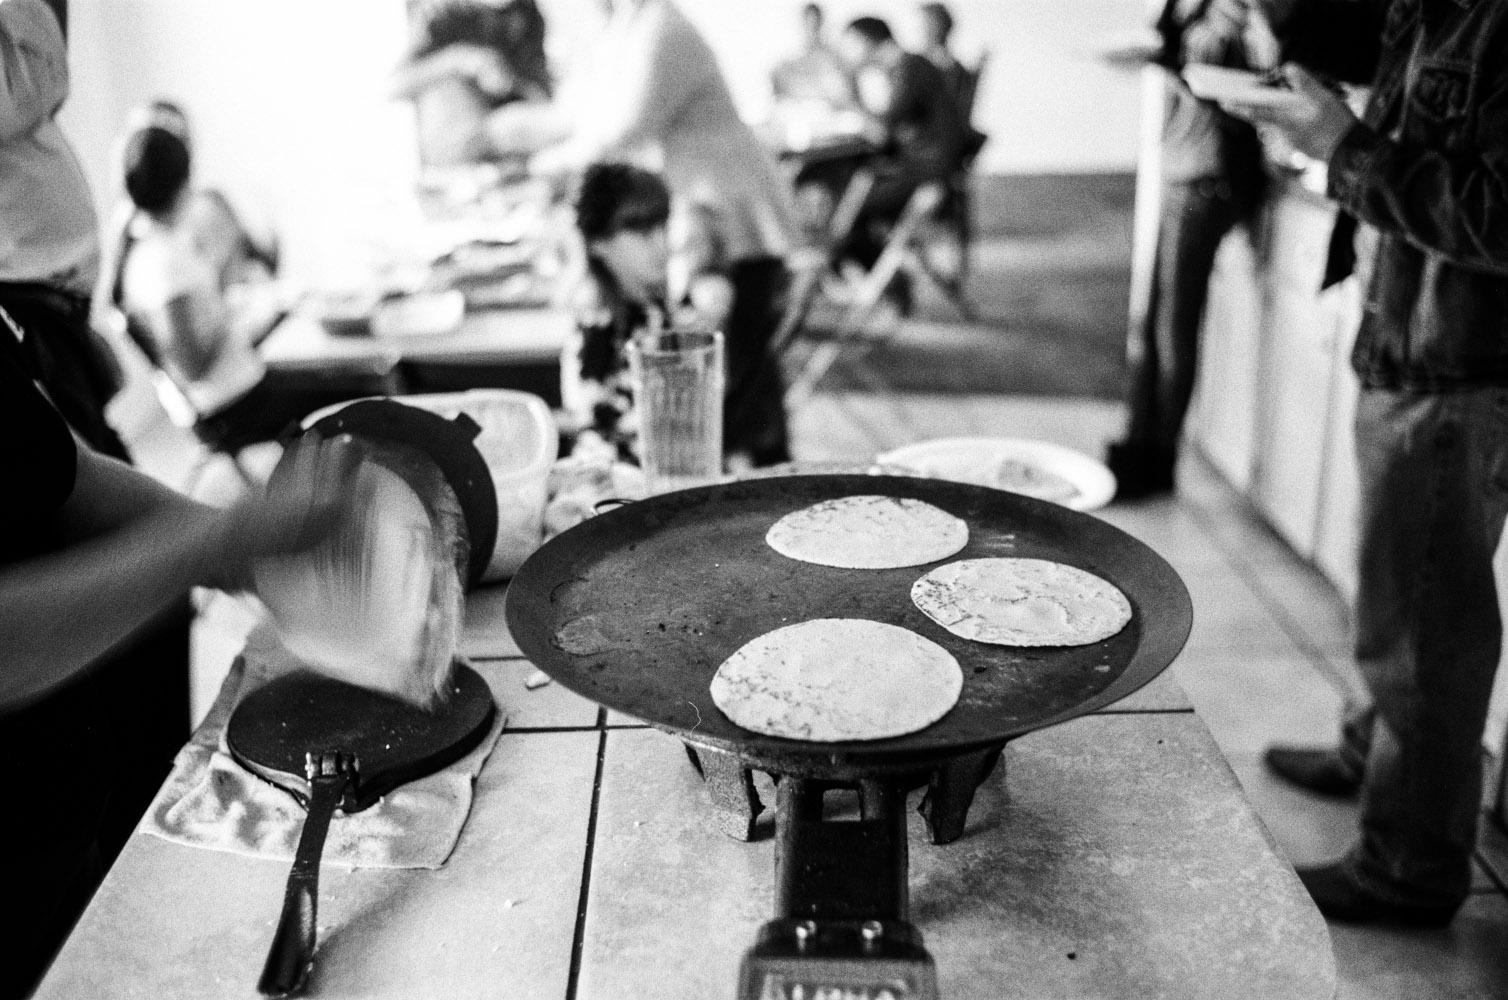 chela_making_tortillas_2.jpg